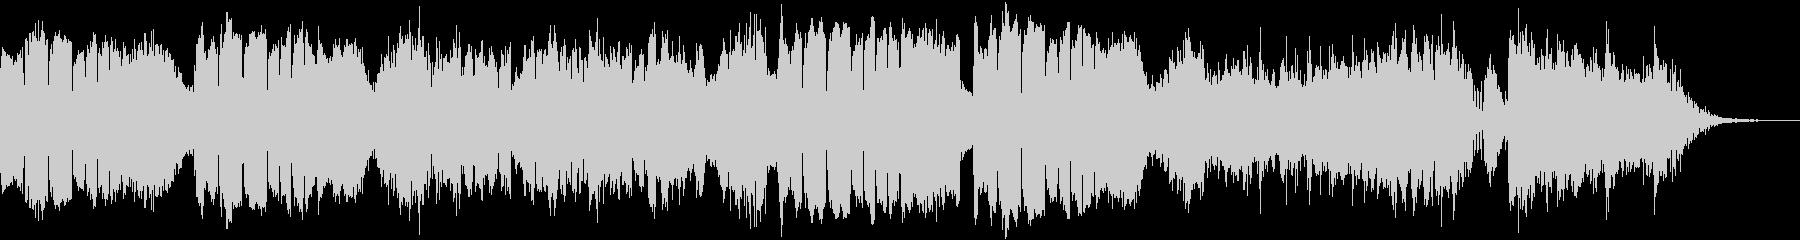 低音の金管楽器による力強いBGM~闘い~の未再生の波形